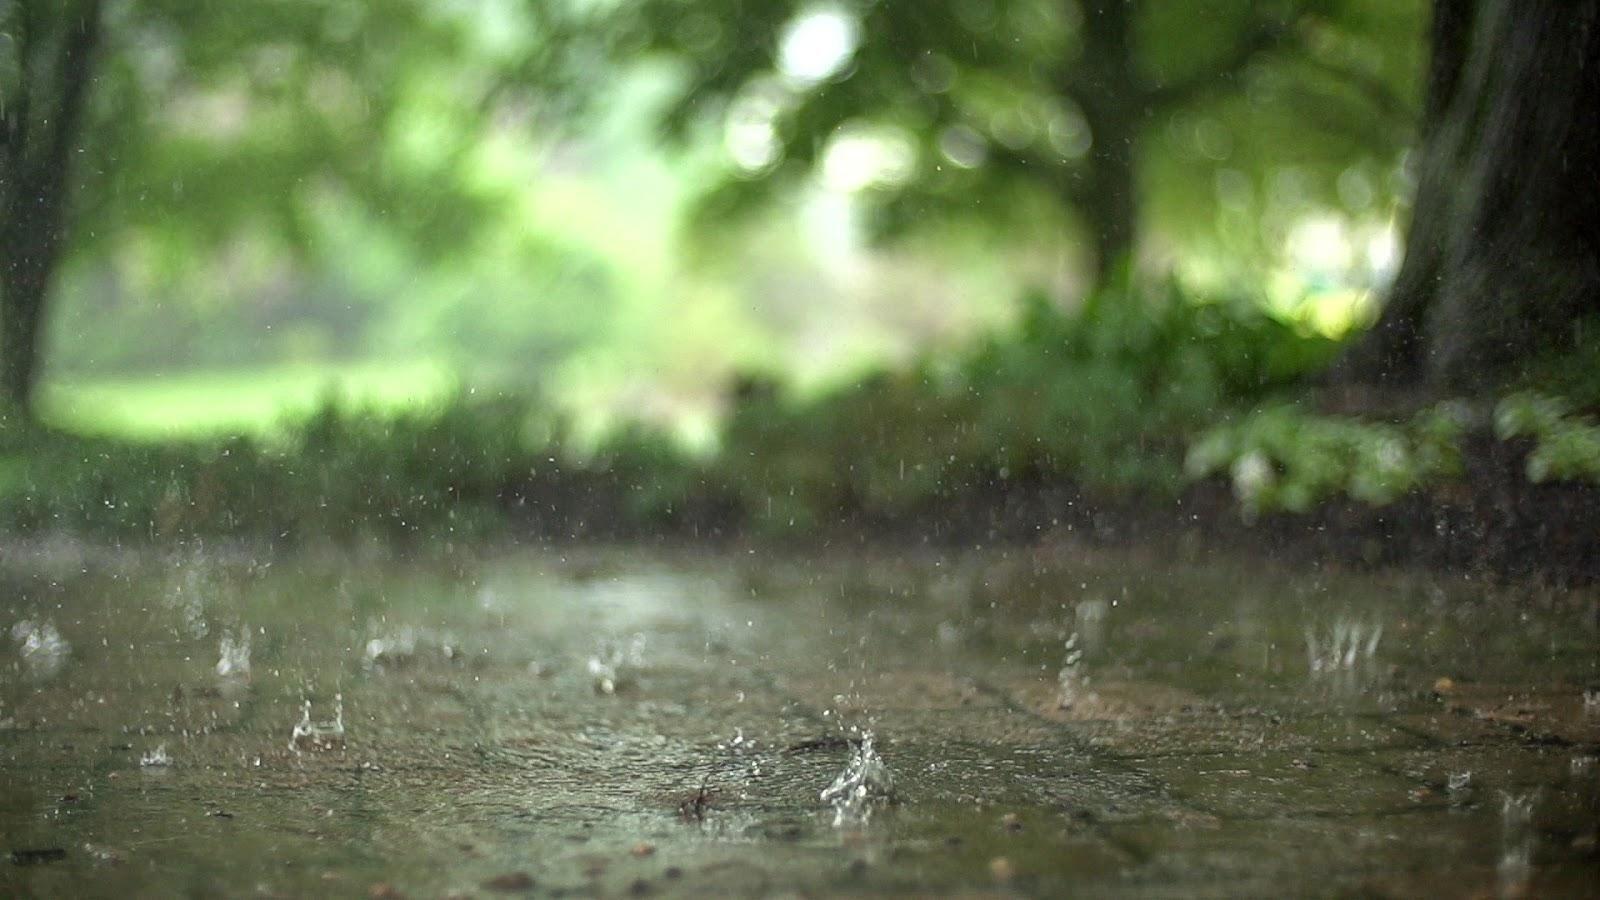 ¿Cuál es la velocidad máxima a la que puede caer una gota de lluvia?